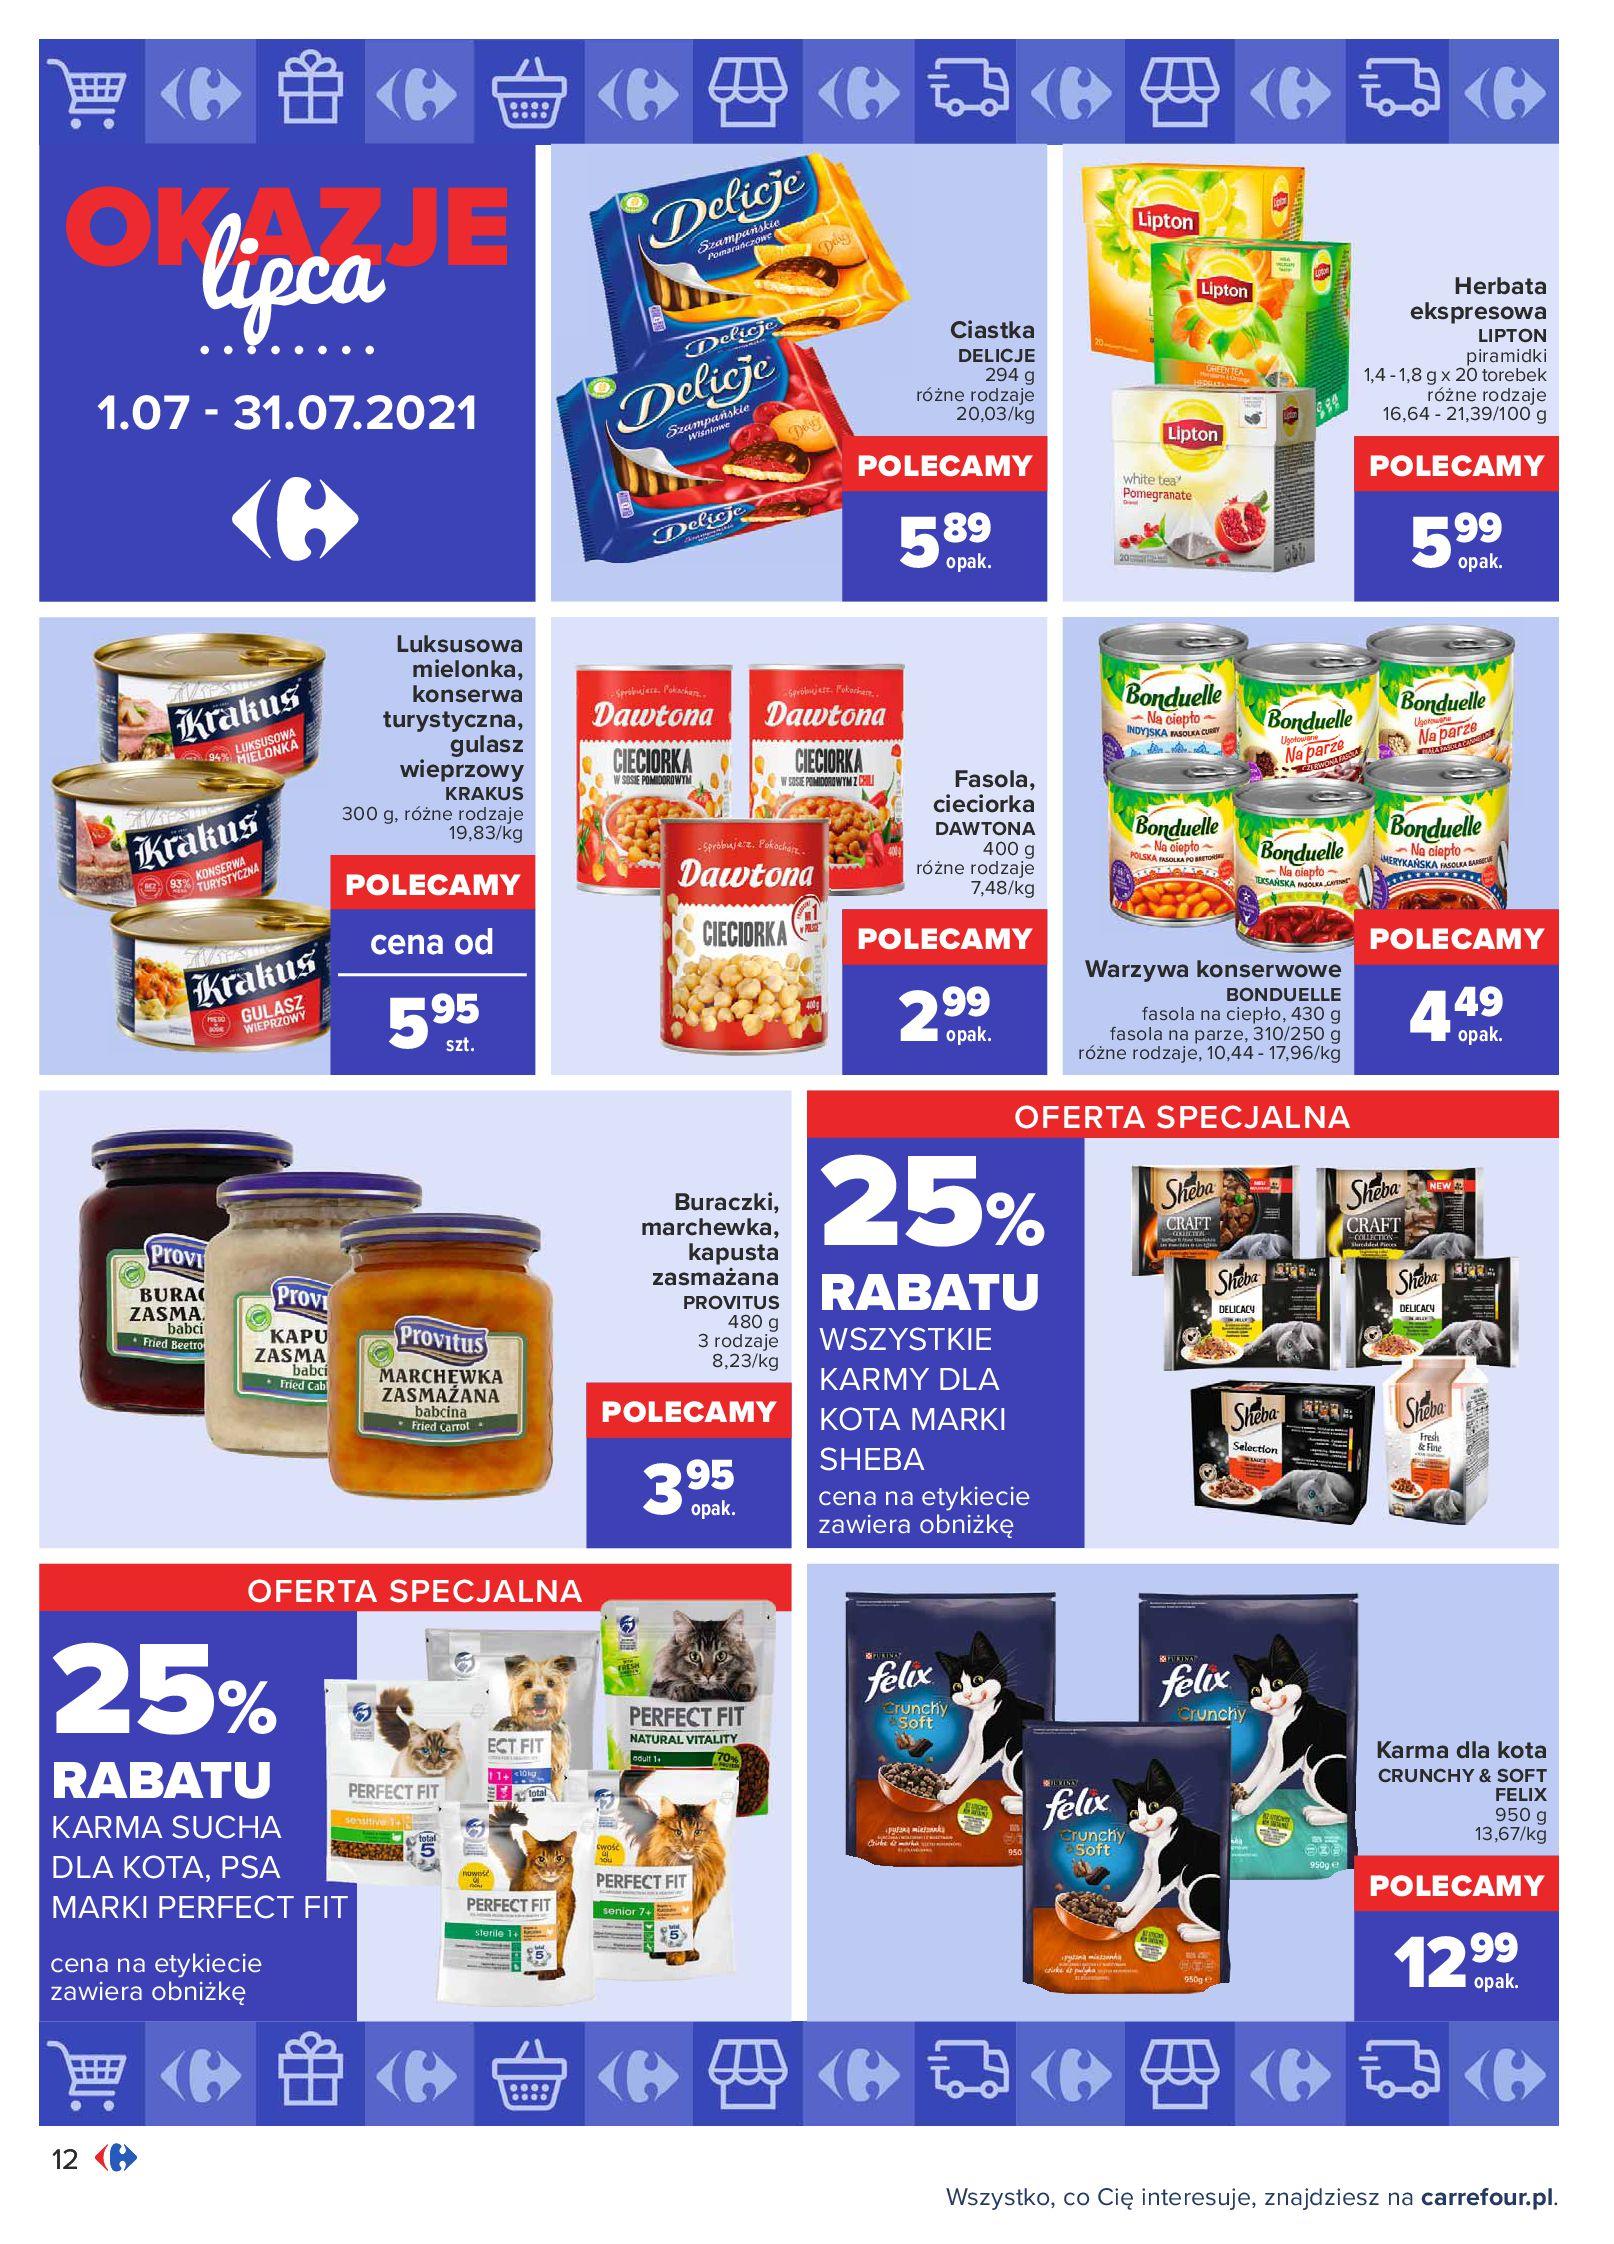 Gazetka Carrefour: Gazetka Carrefour - Okazje lipca 2021-07-01 page-12